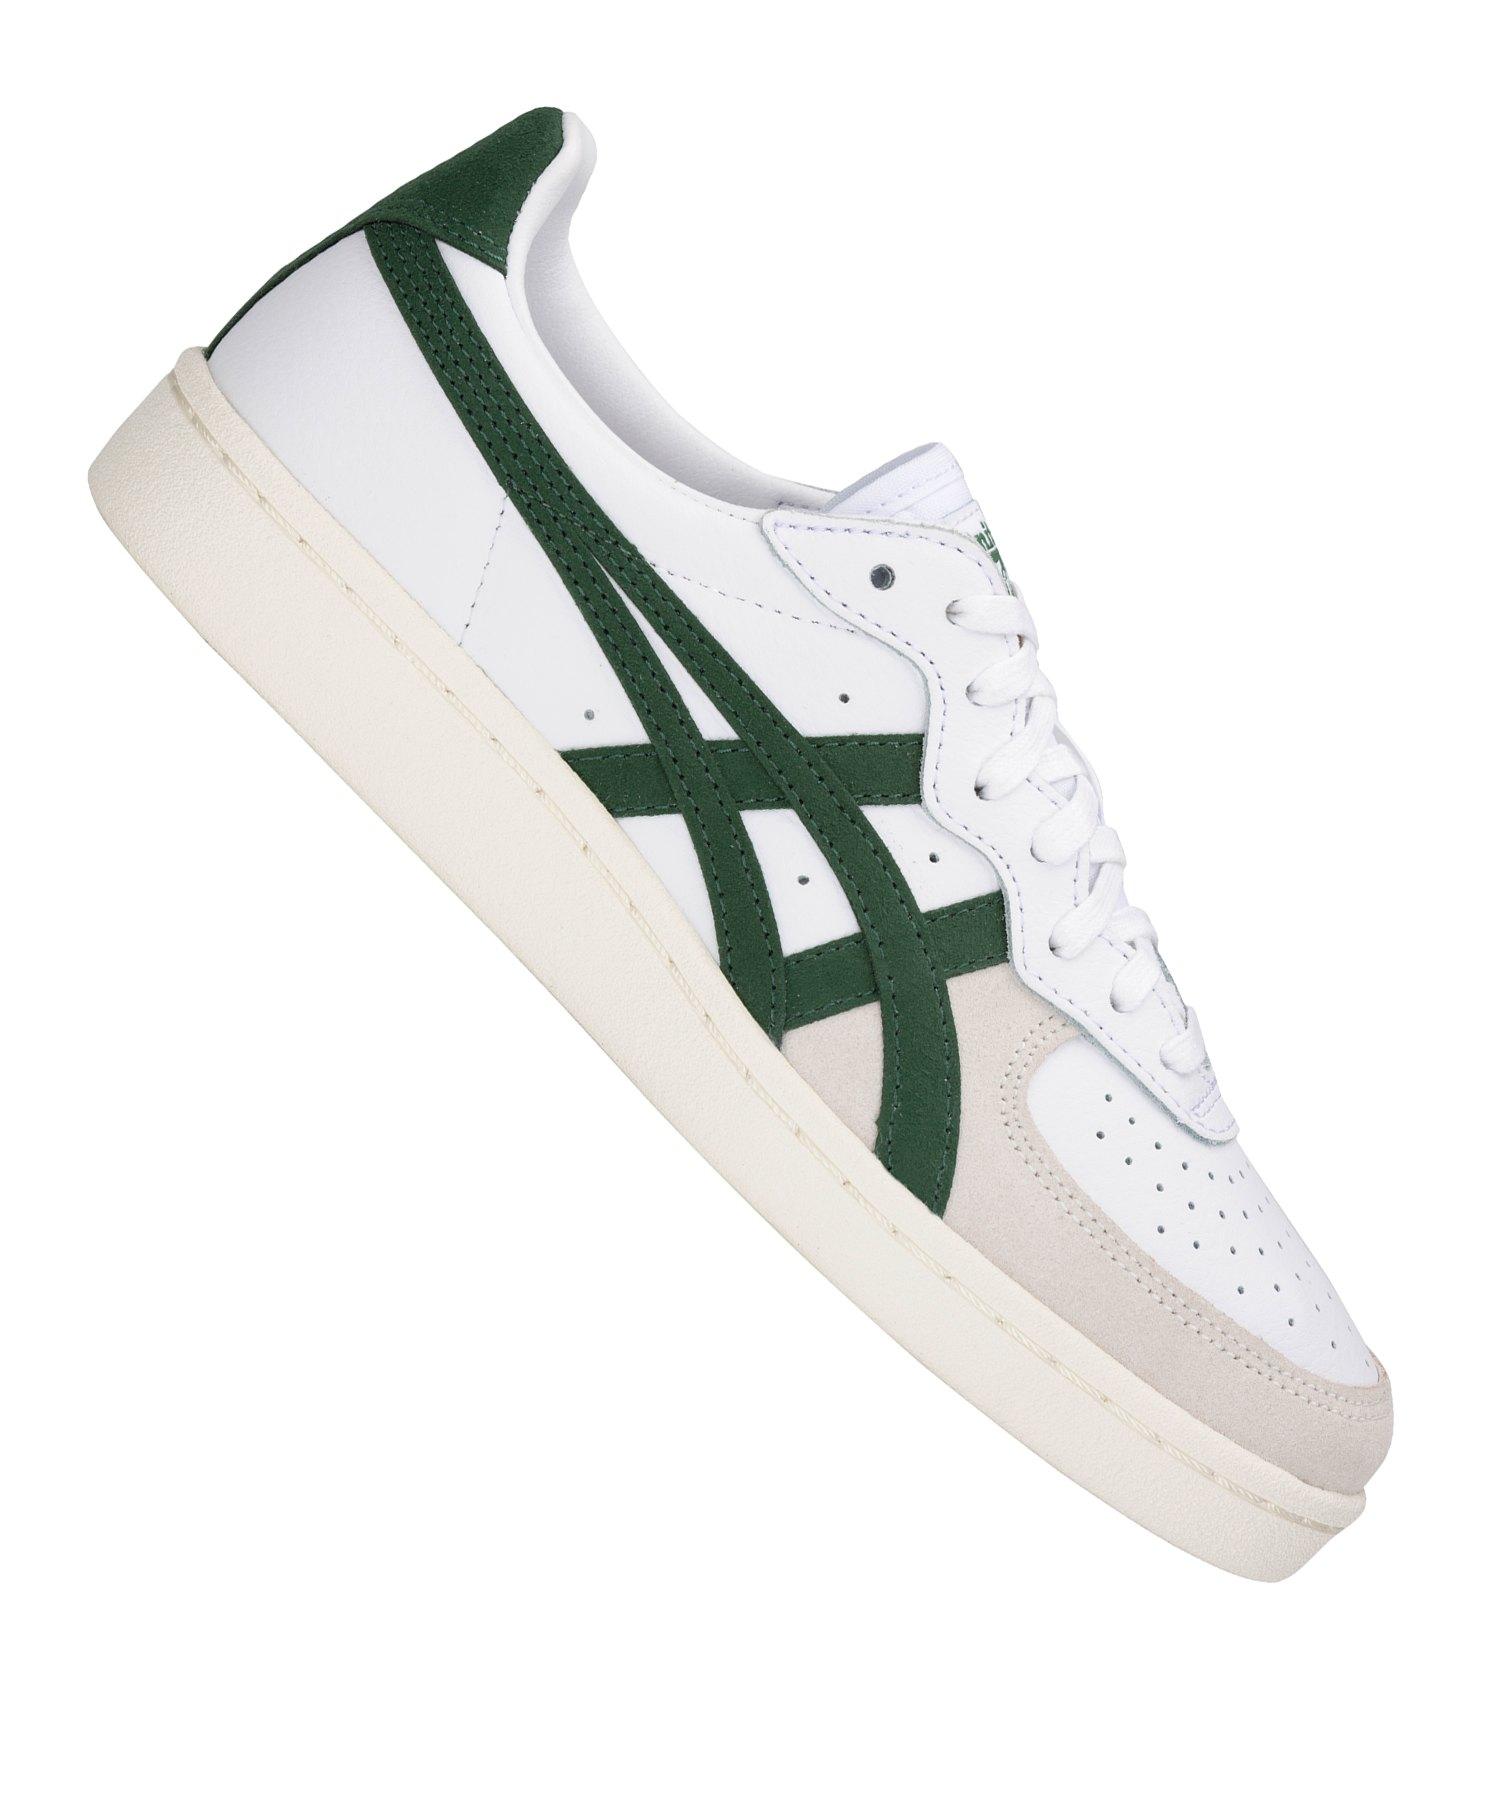 Asics Tiger GSM Sneaker Weiss Grün F101